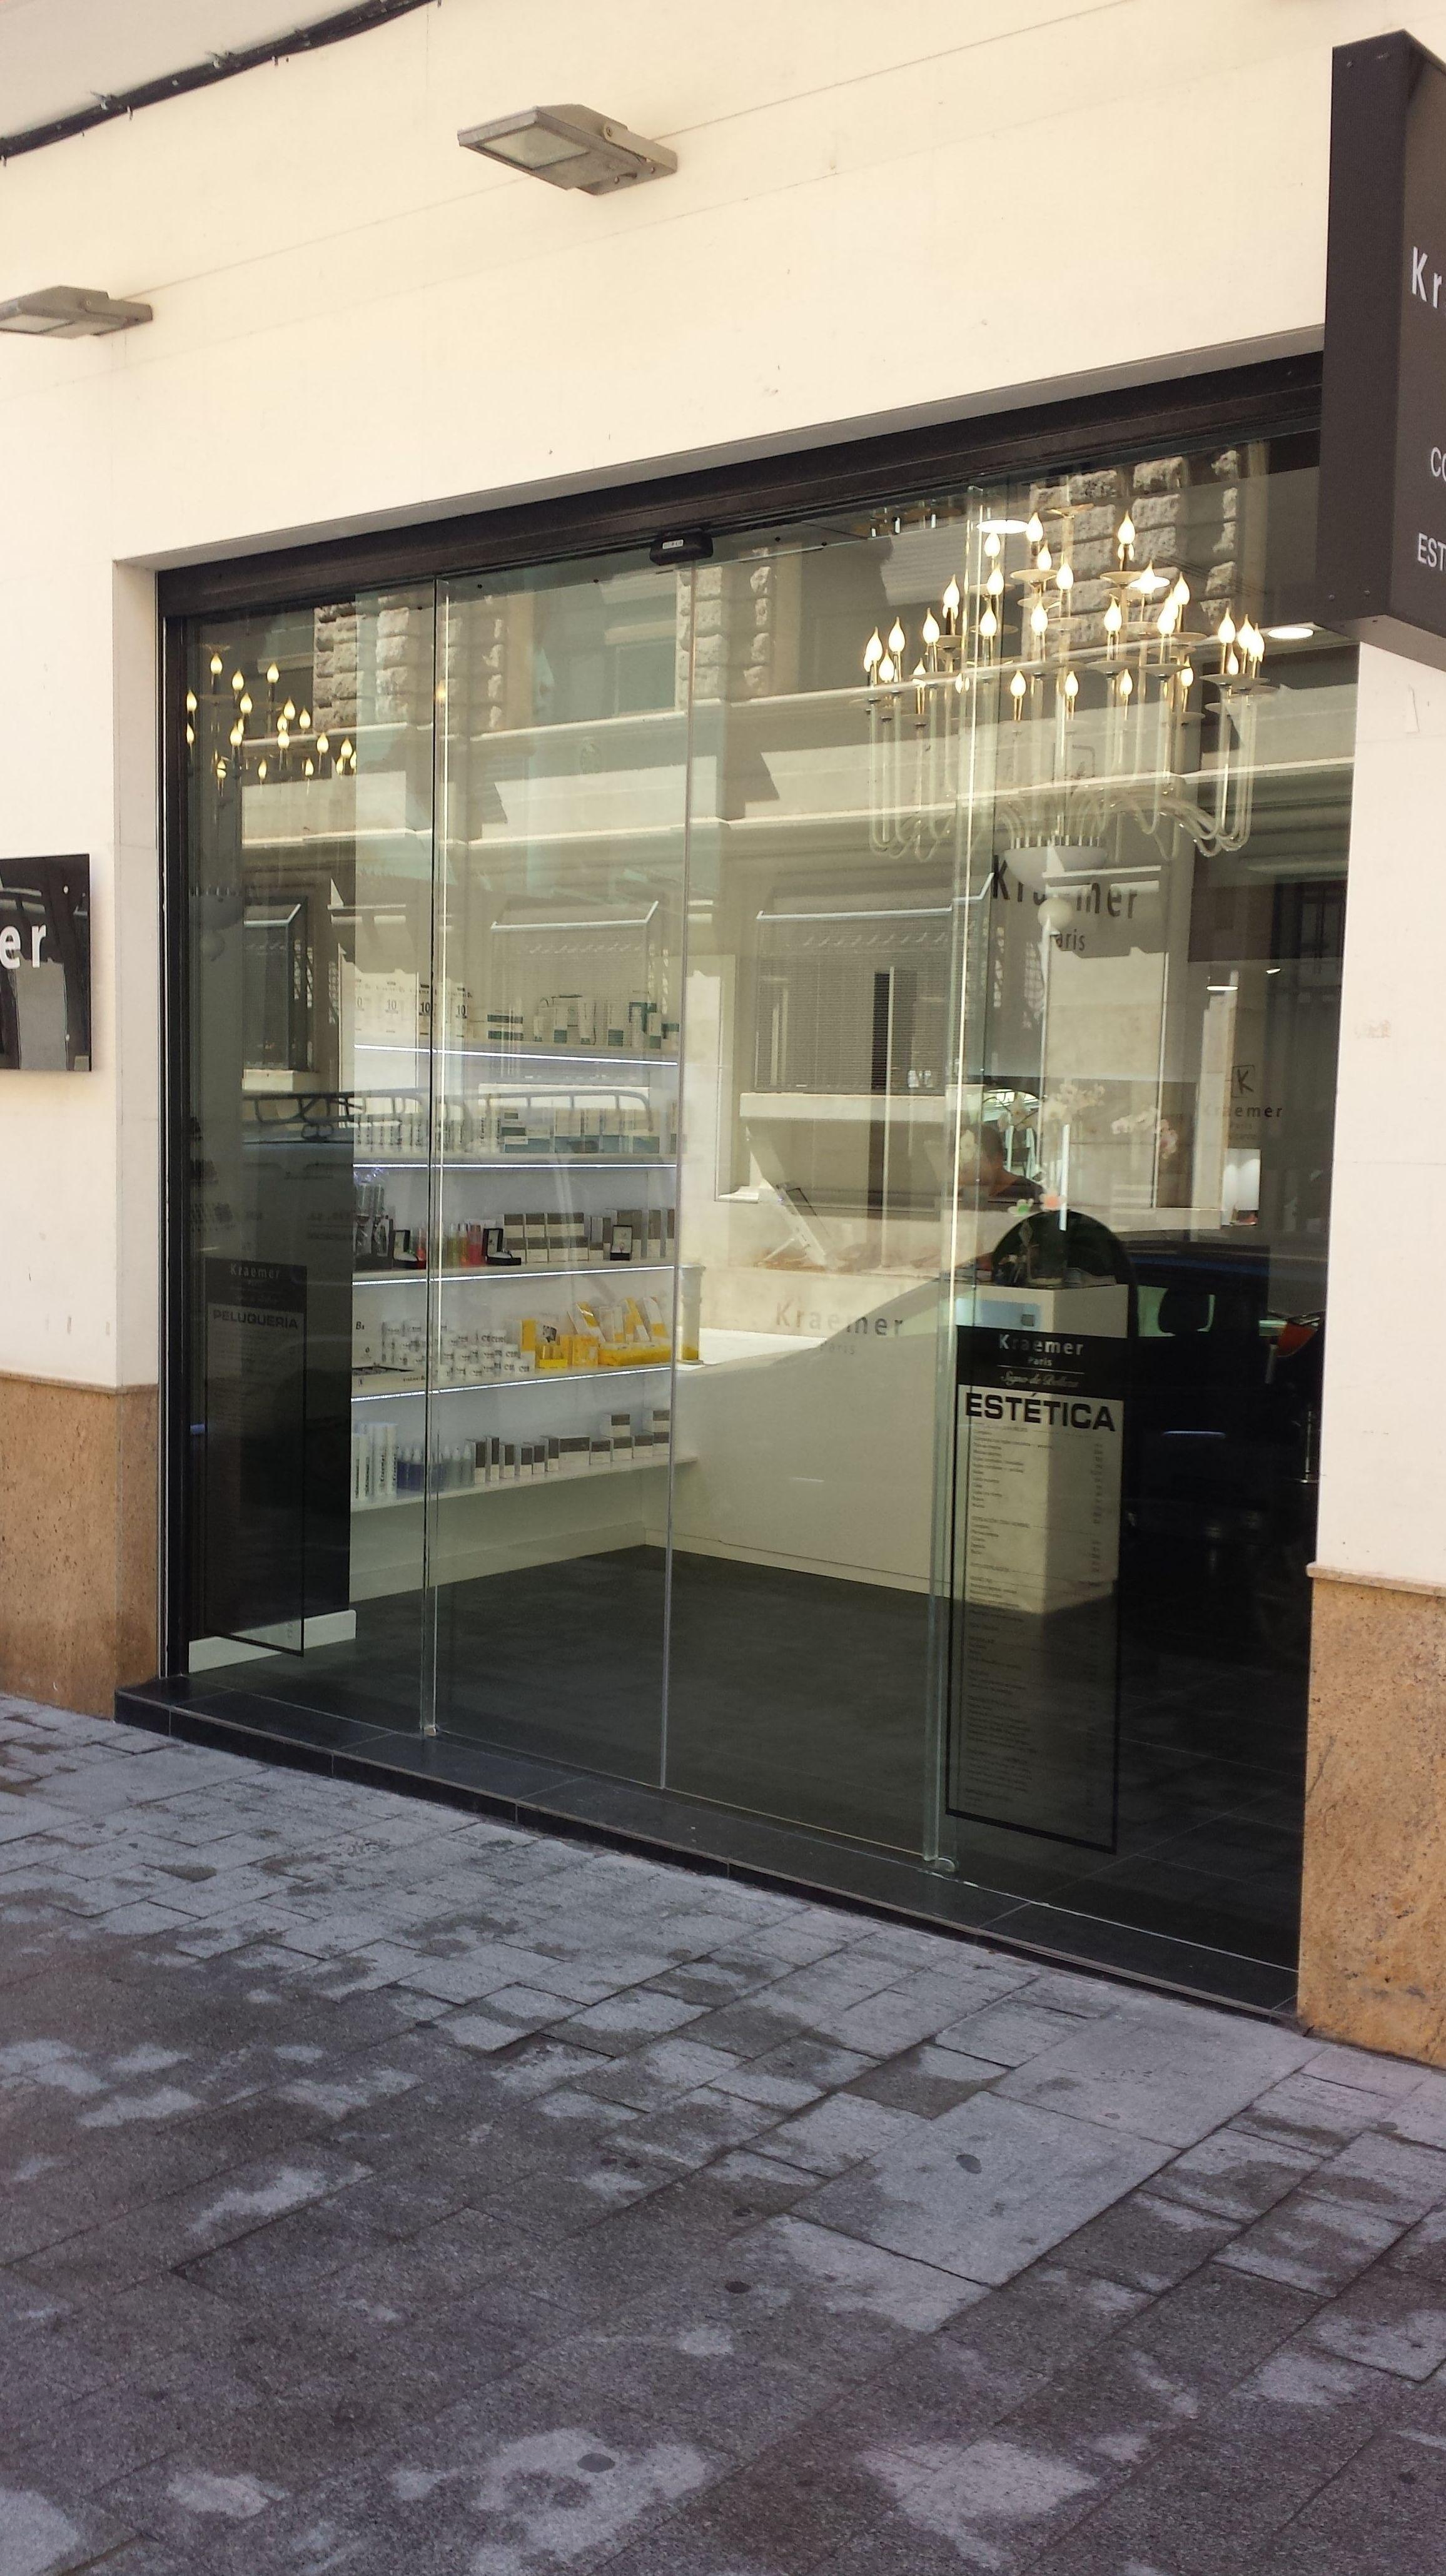 Foto 18 de Puertas automáticas en Sangonera la Verde | Puertas Automáticas Carrascoy